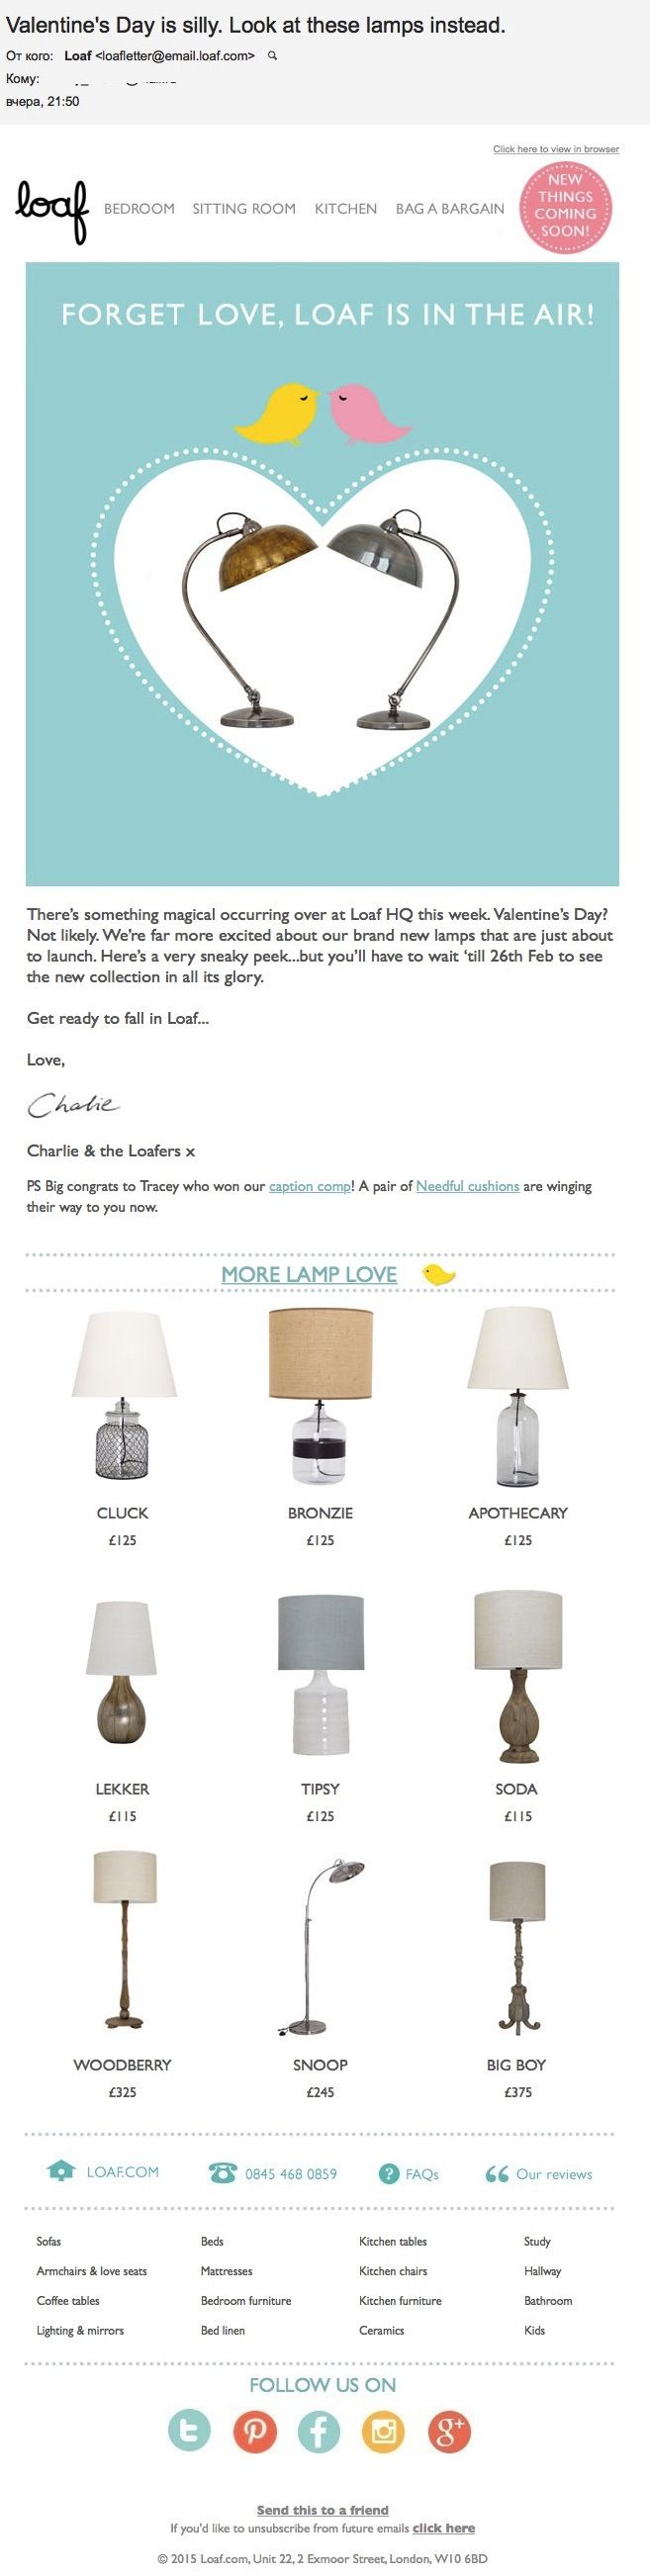 Loaf: анонс новой коллекции (12.02.15). Пока все вокруг суетятся по поводу 14 февраля, Loaf взбудоражен выходом новой коллекции ламп, о чем и сообщает своим подписчикам.